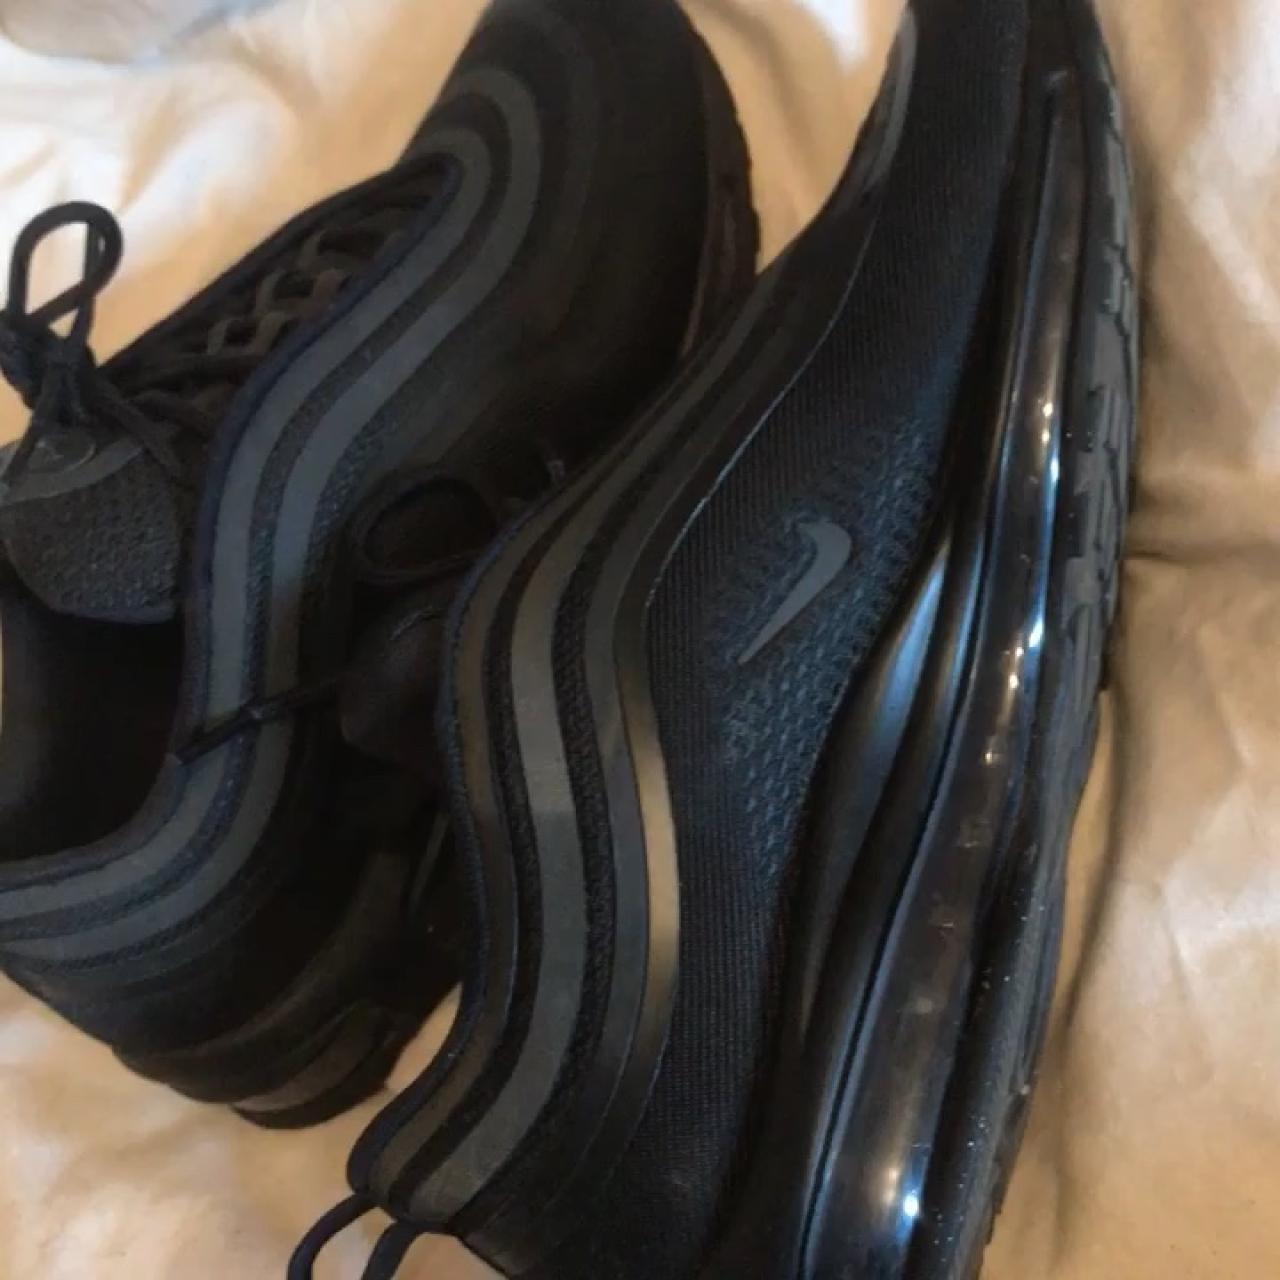 054220a848a5 Nike Air Max 97 Ultra Black